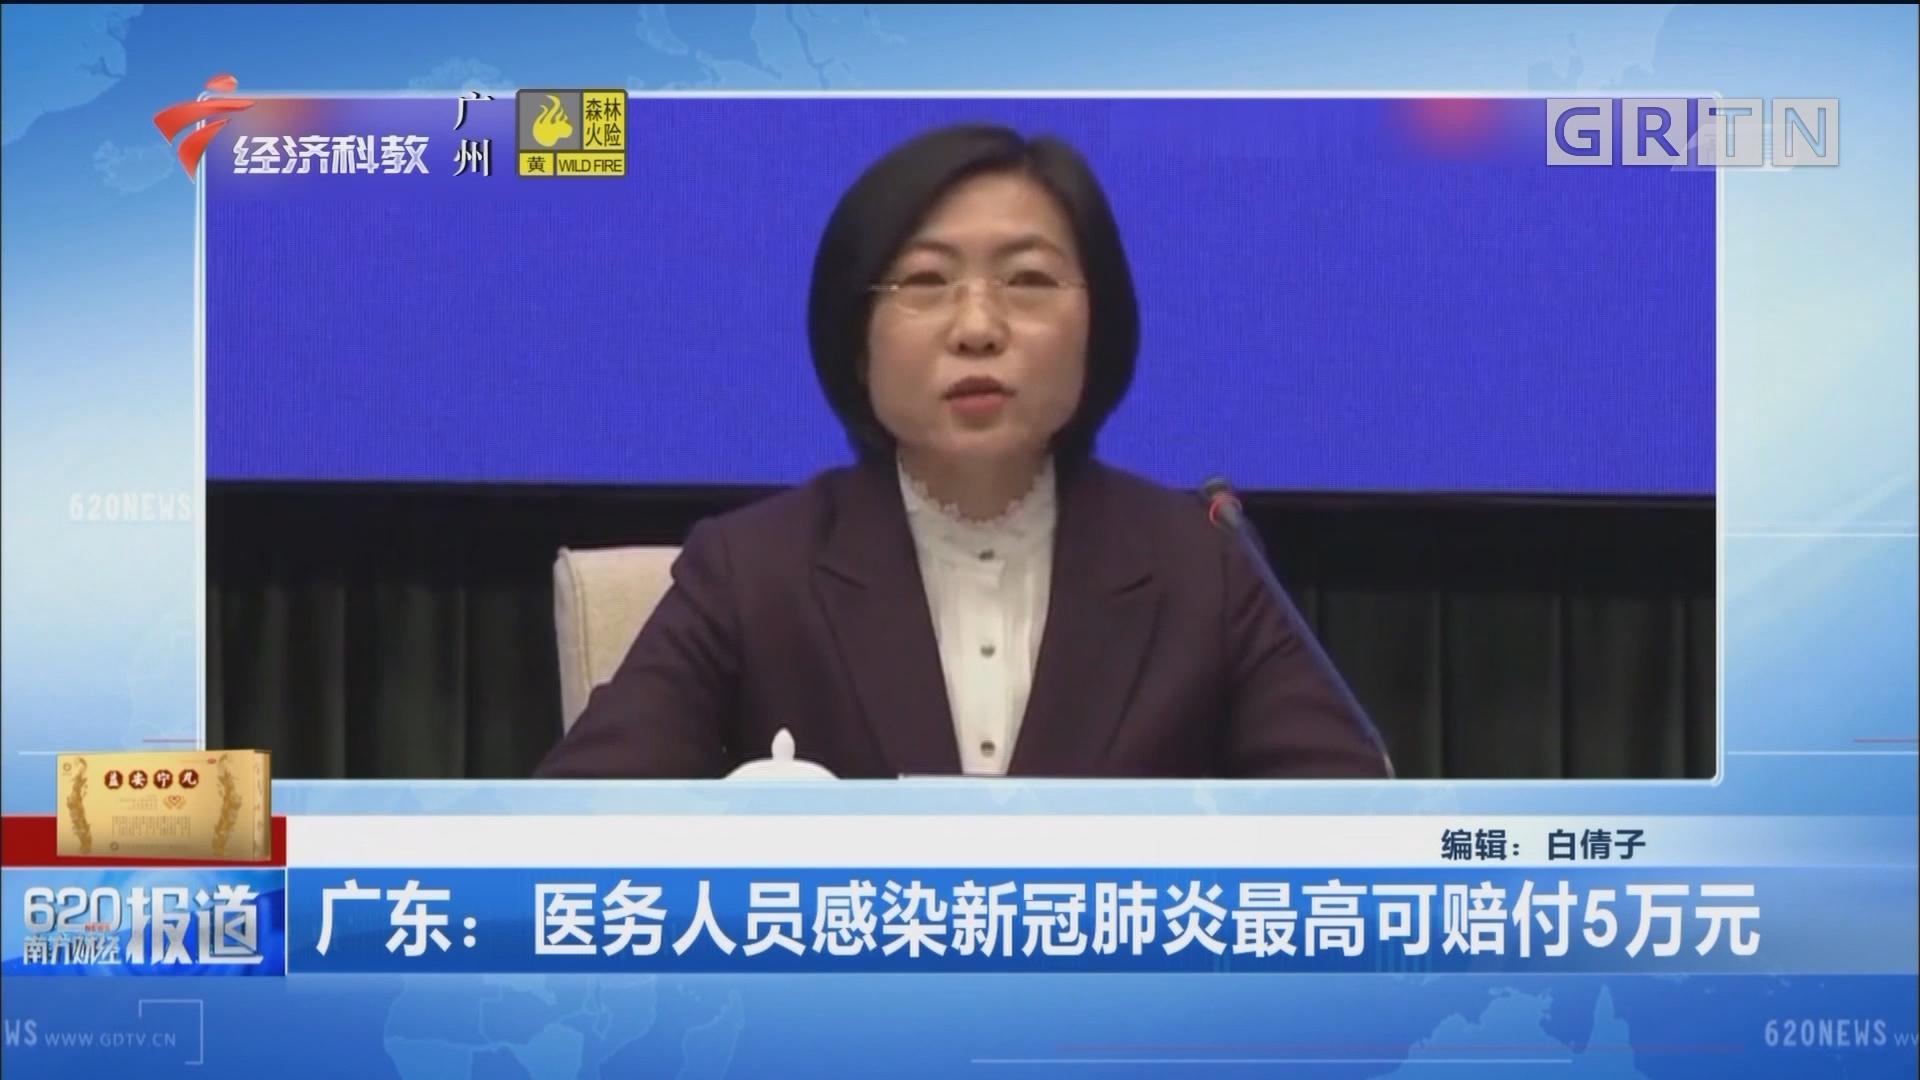 广东:医务人员感染新冠肺炎最高可赔付5万元